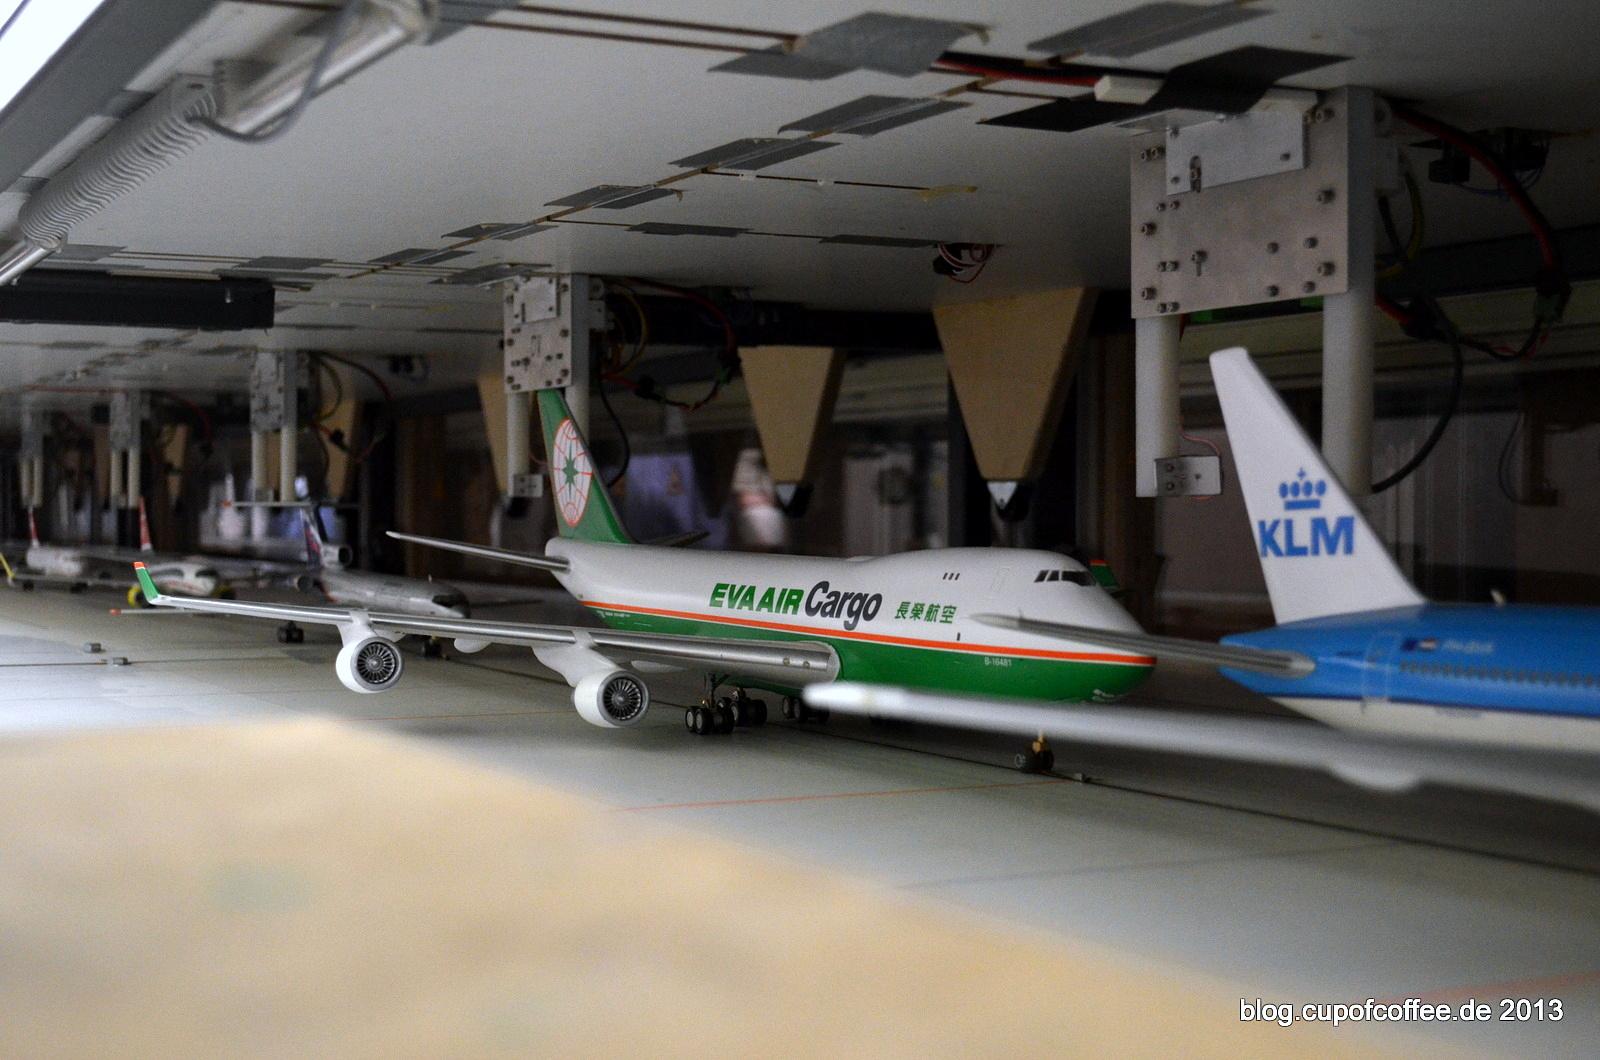 Schlange stehen im Schatten-Flughafen. Aucht TU 154 und der ICE Flieger sind dort angekommen.